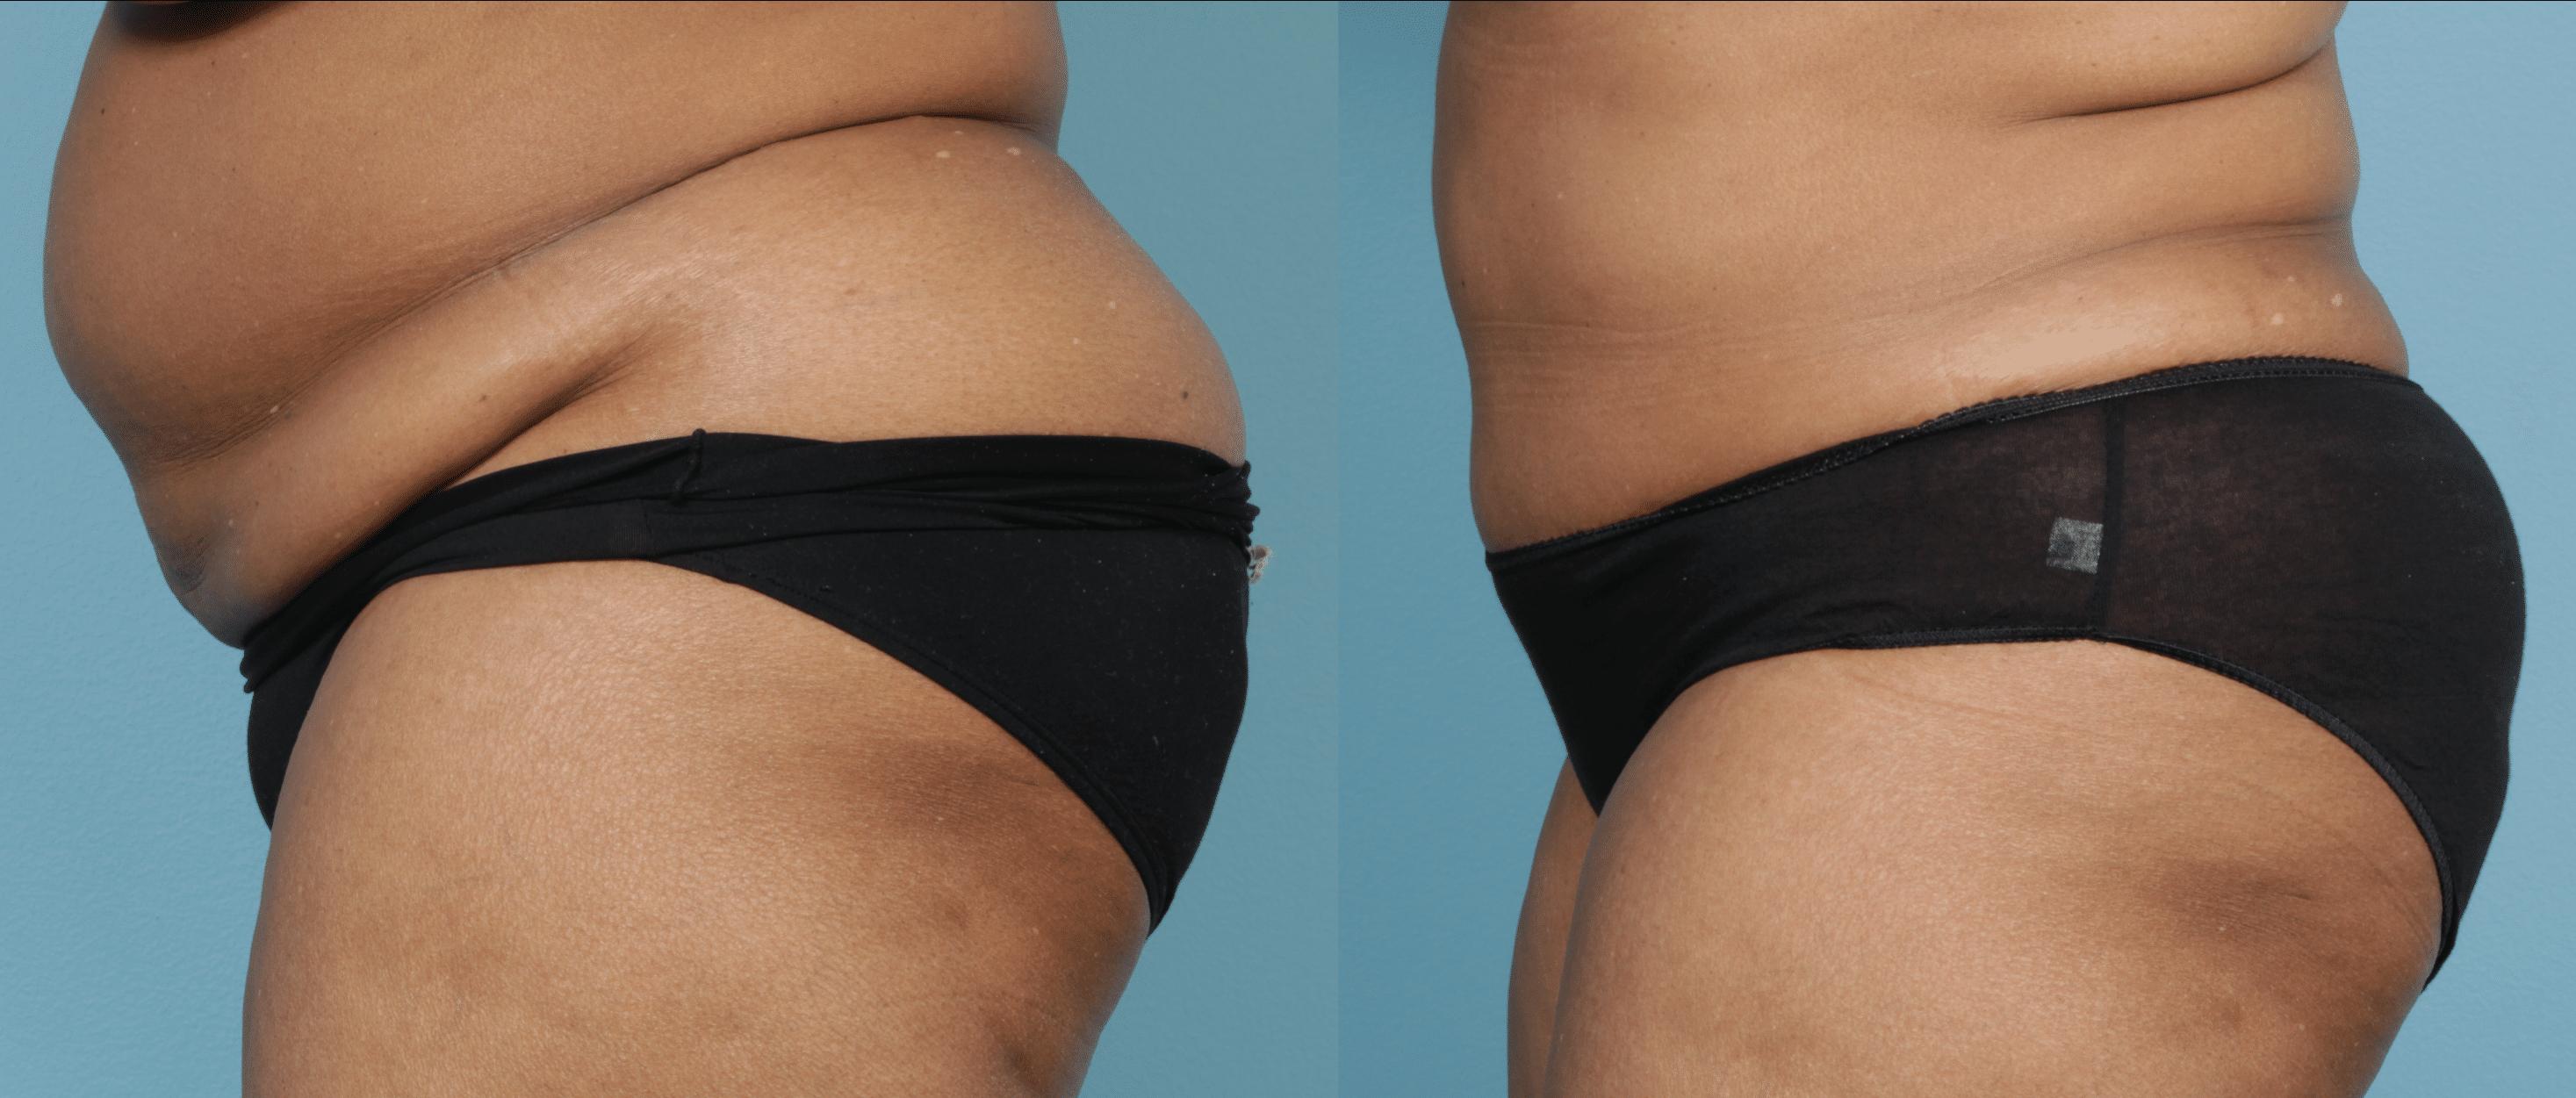 Abdominoplasty - Case 2 - 2